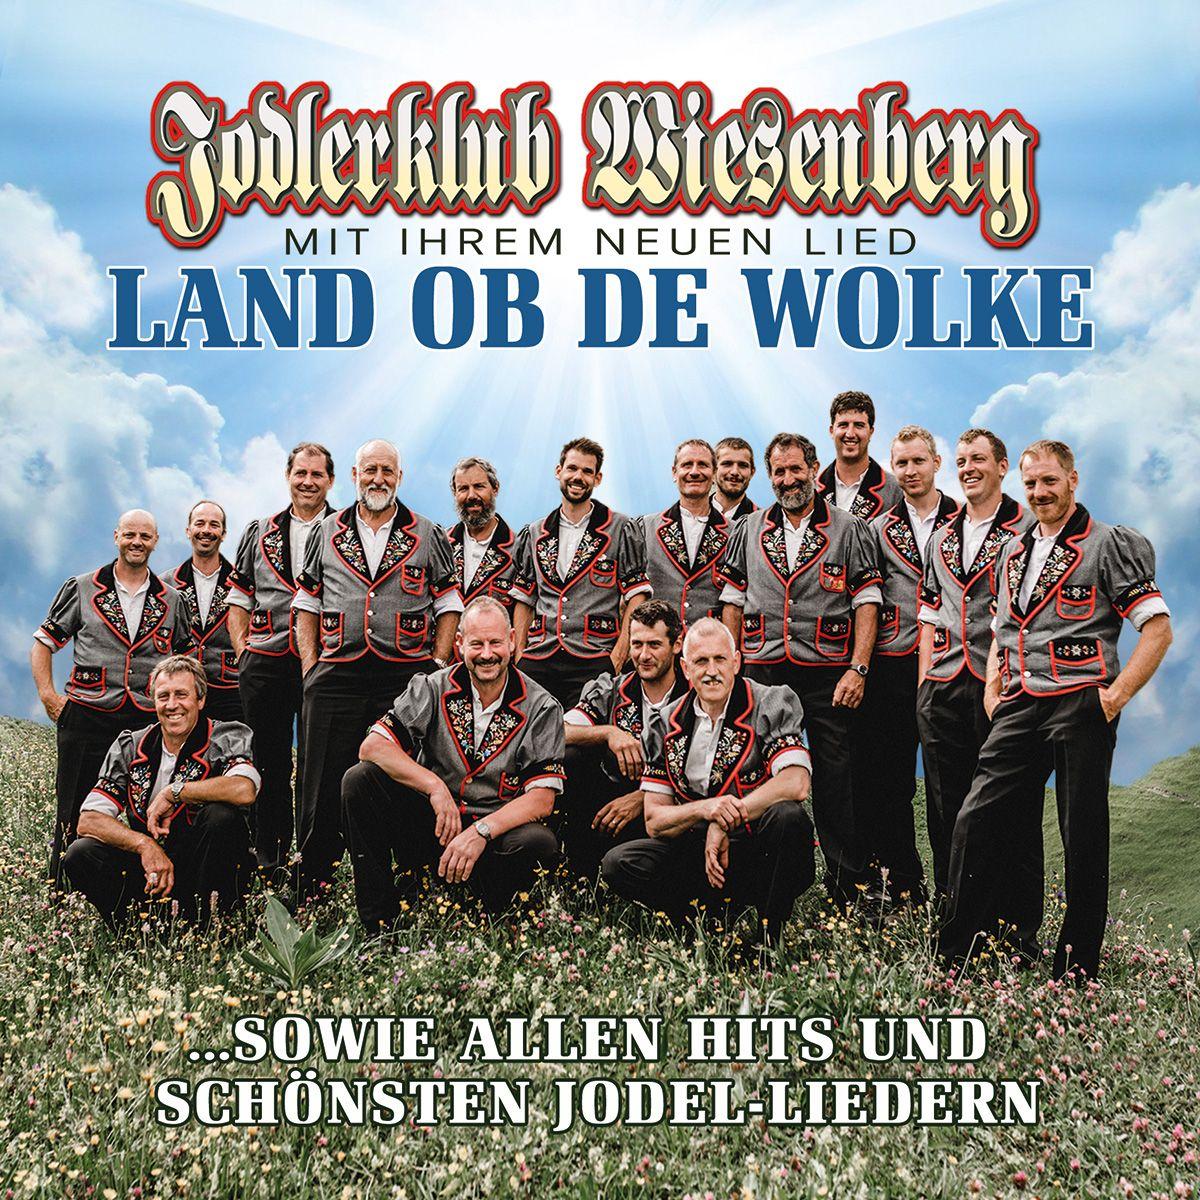 Jodlerklub Wiesenberg - Land Ob De Wolke album cover